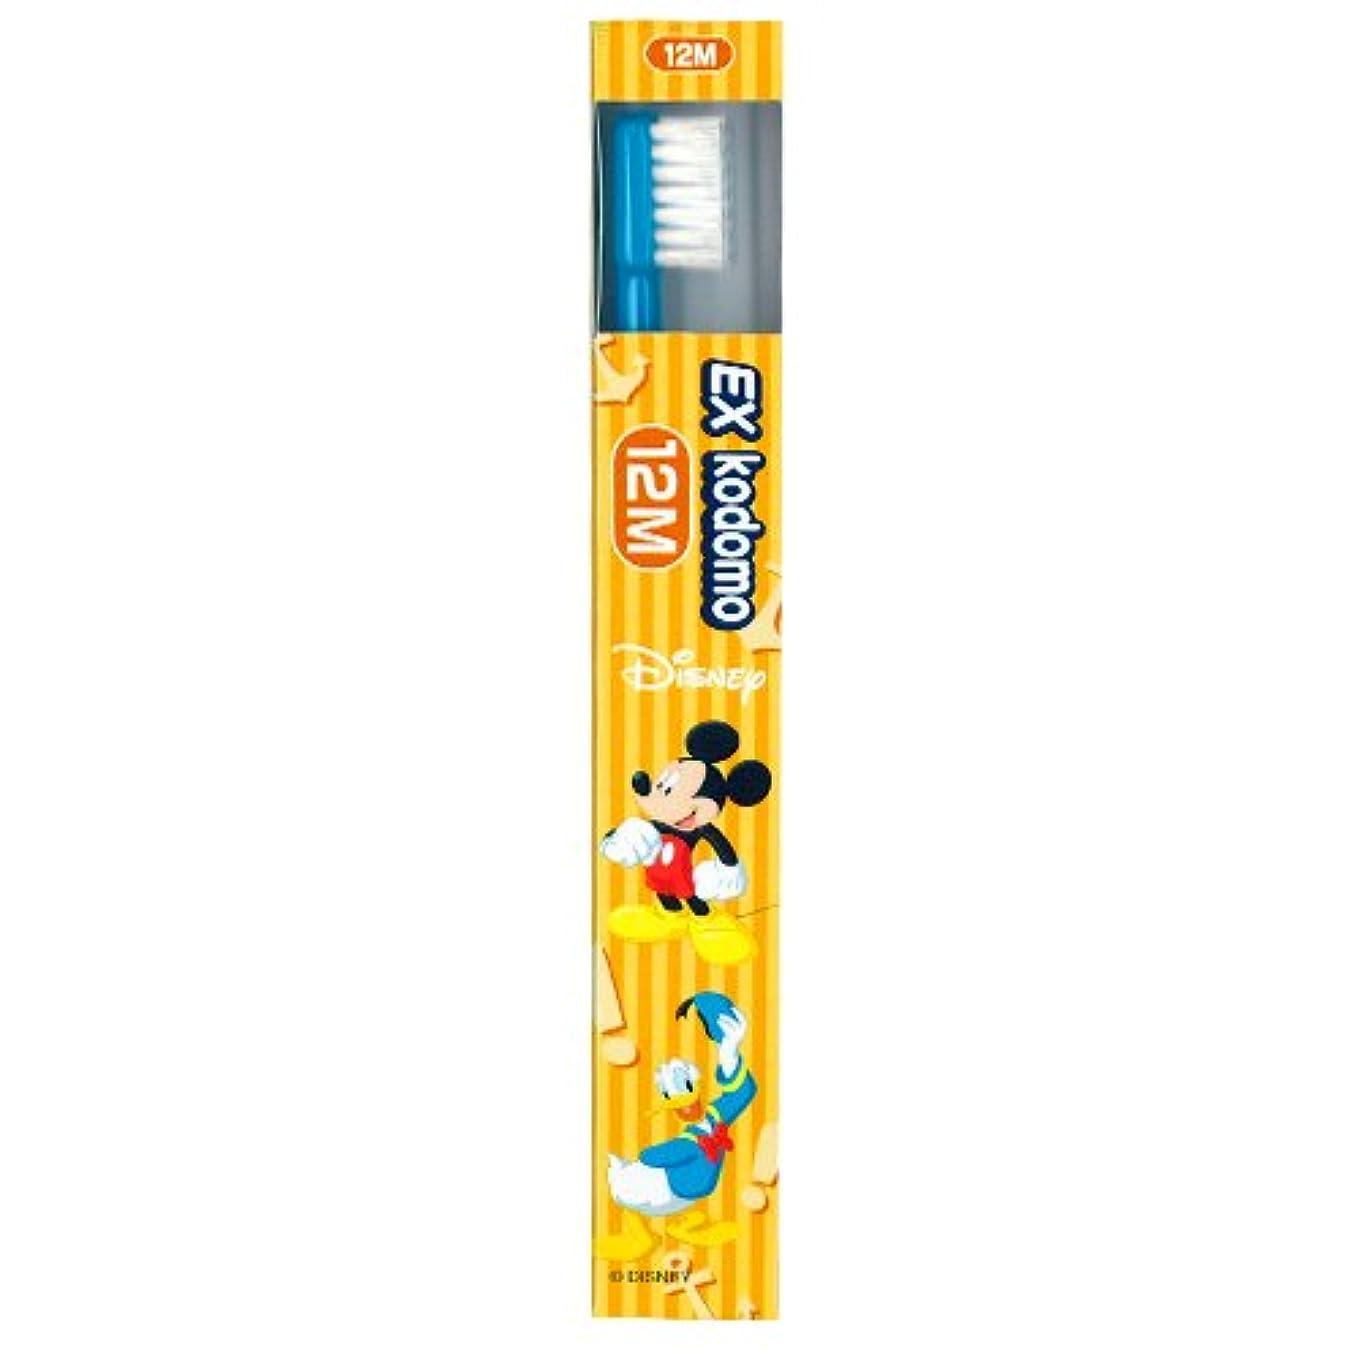 論争の的詳細な義務付けられたライオン EX kodomo ディズニー 歯ブラシ 1本 12M ブルー